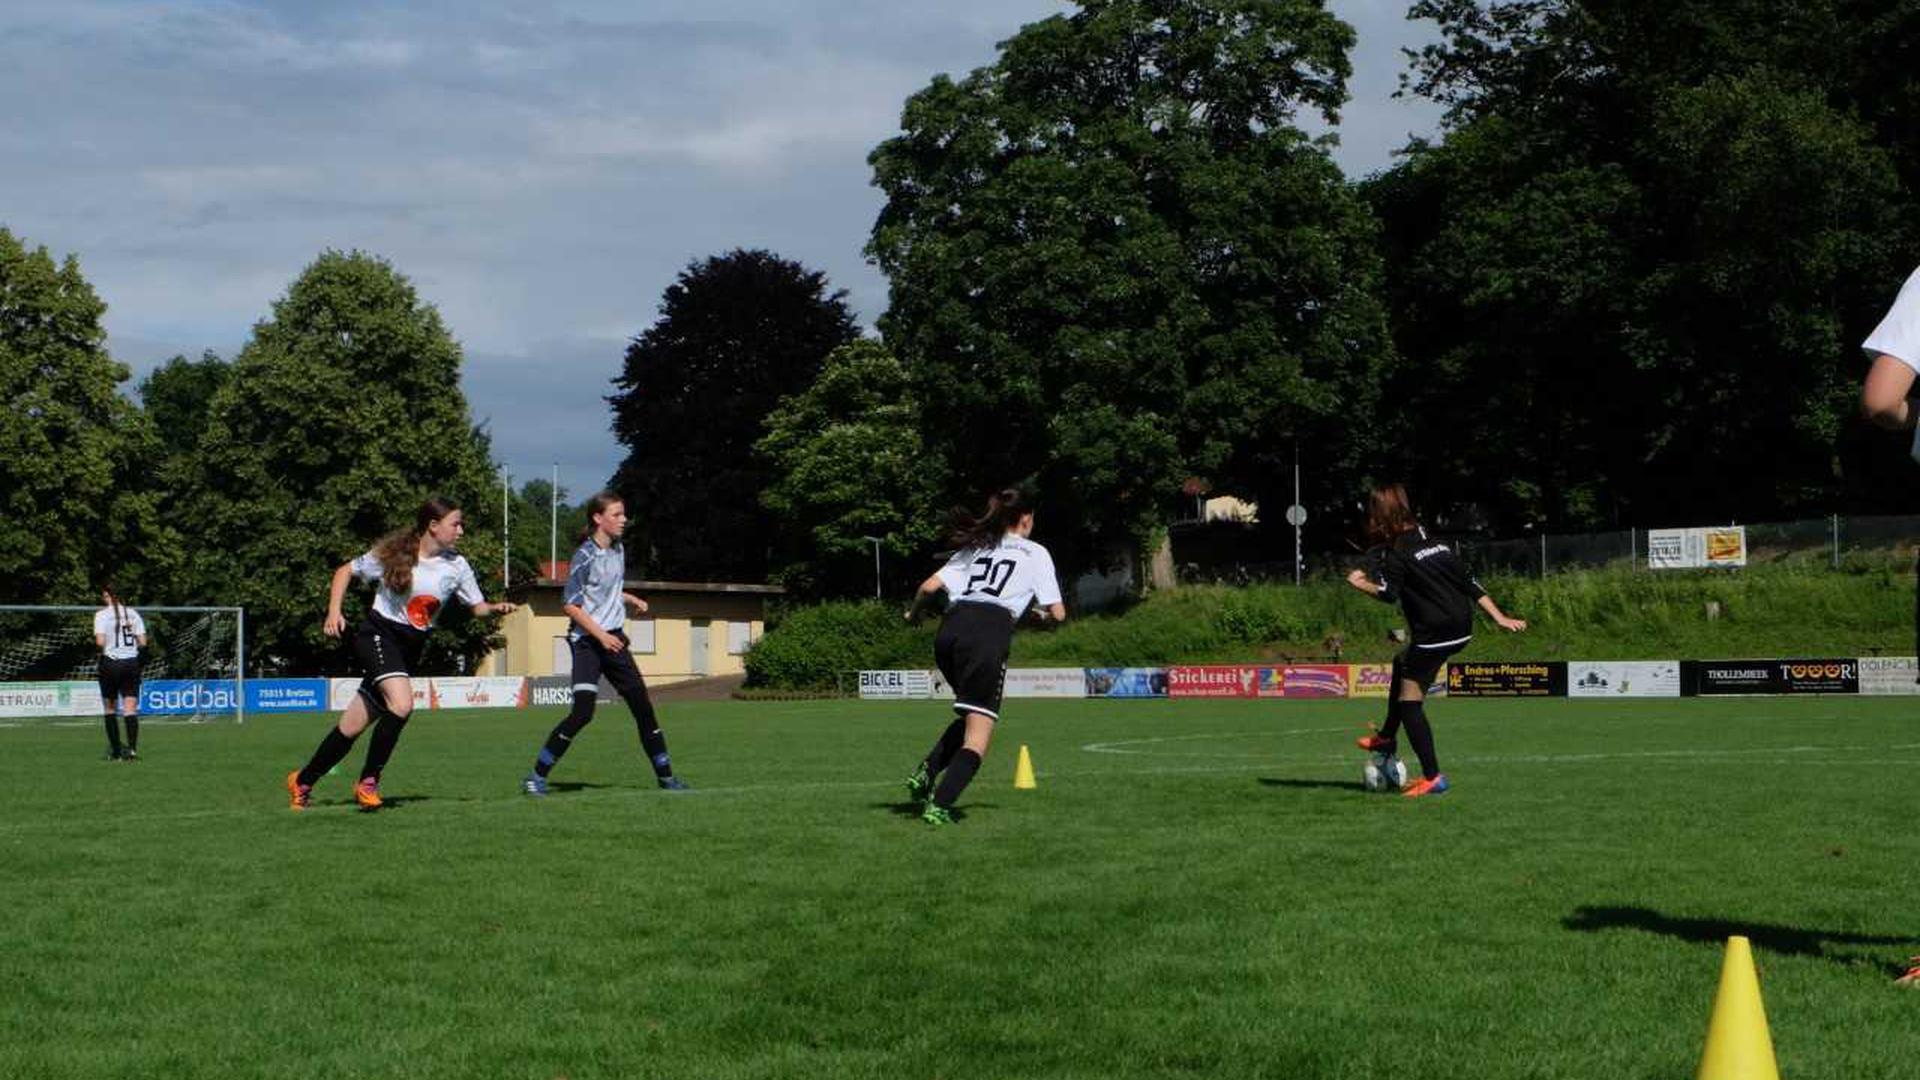 Trainingsszene der SV Kickers Büchig: Passspiel bei Angriffen